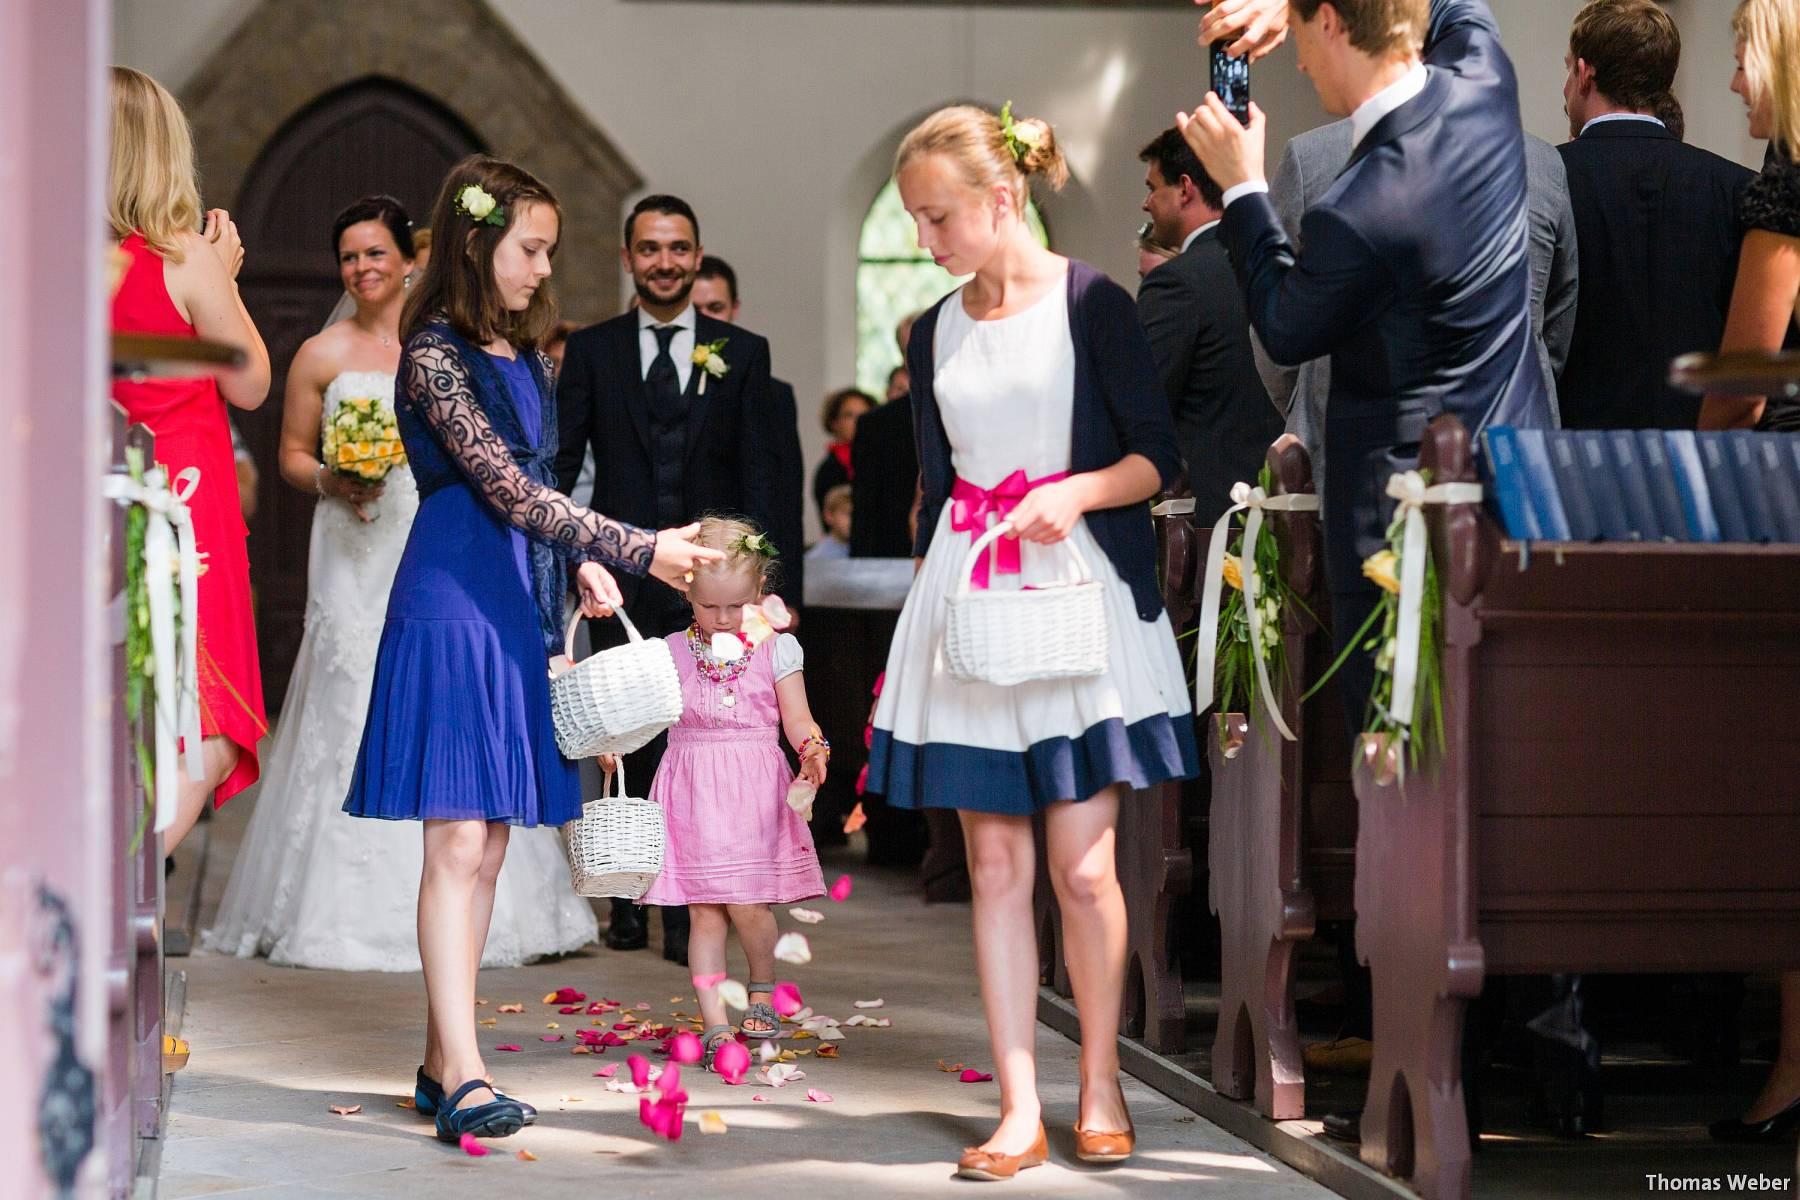 Hochzeitsfotograf Oldenburg: Kirchliche Trauung in der Garnisonkirche Oldenburg und Feier im Landhaus Etzhorn Oldenburg (20)